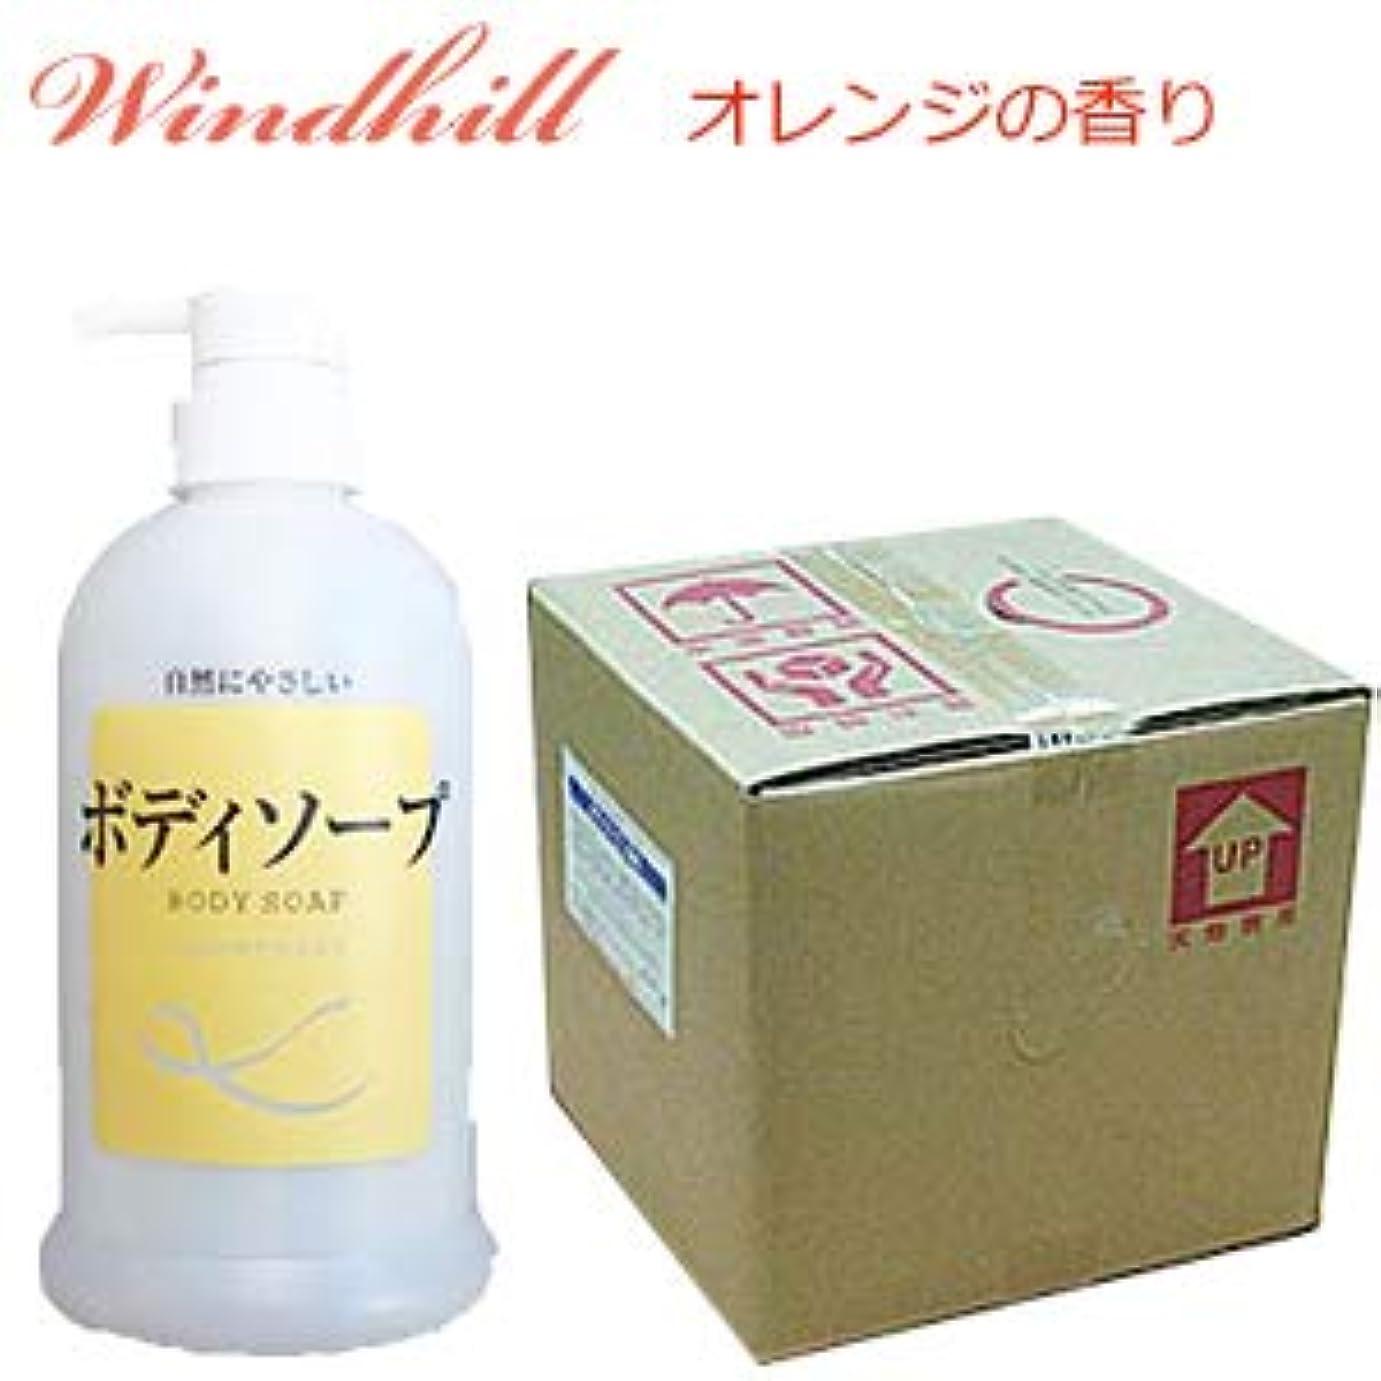 深める人工的なテレビ局Windhill 植物性 業務用ボディソープオレンジの香り 20L(1セット20L入)